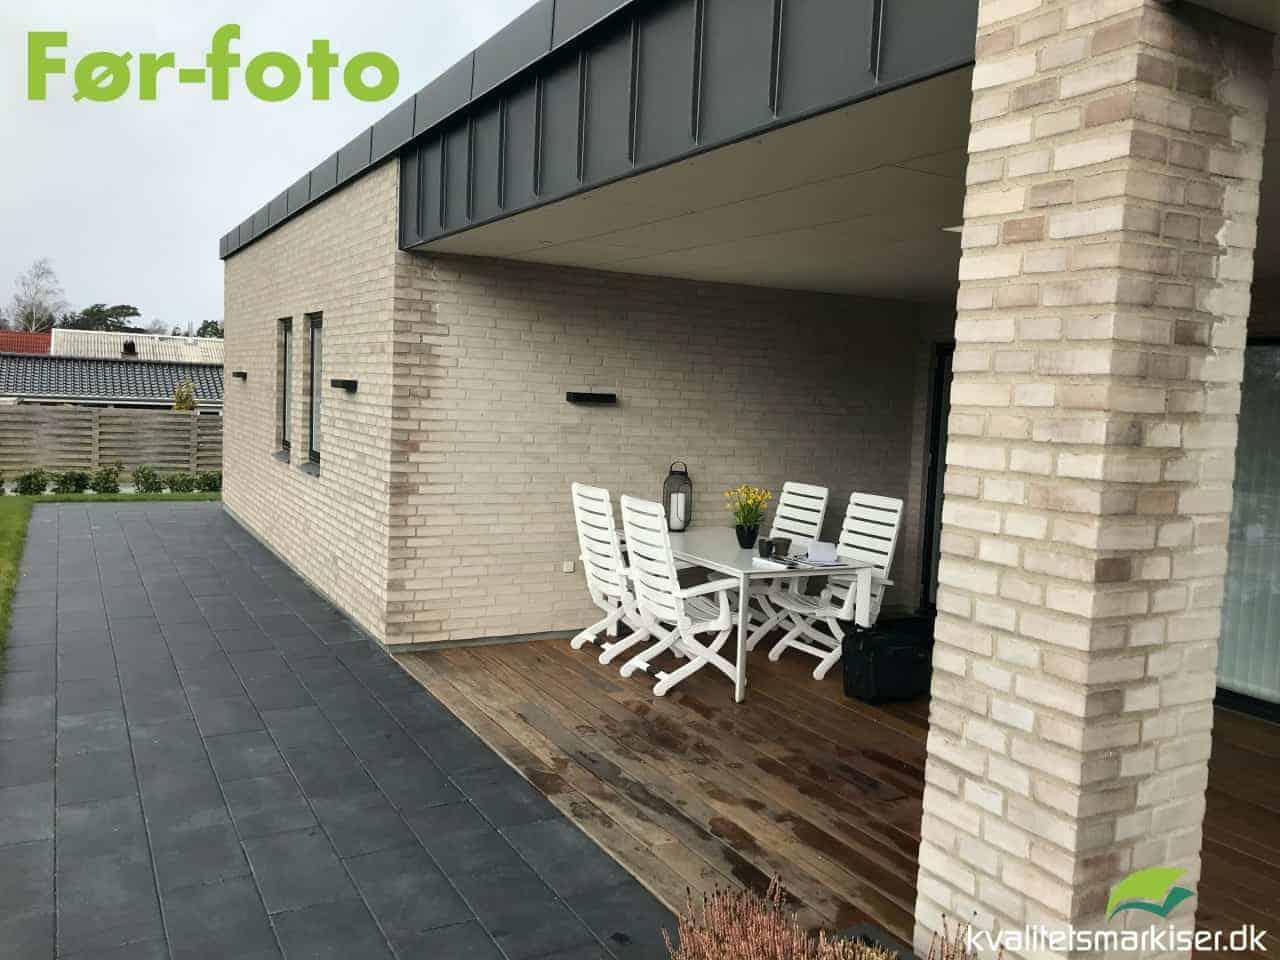 Skydeglas til overdækket terrasse